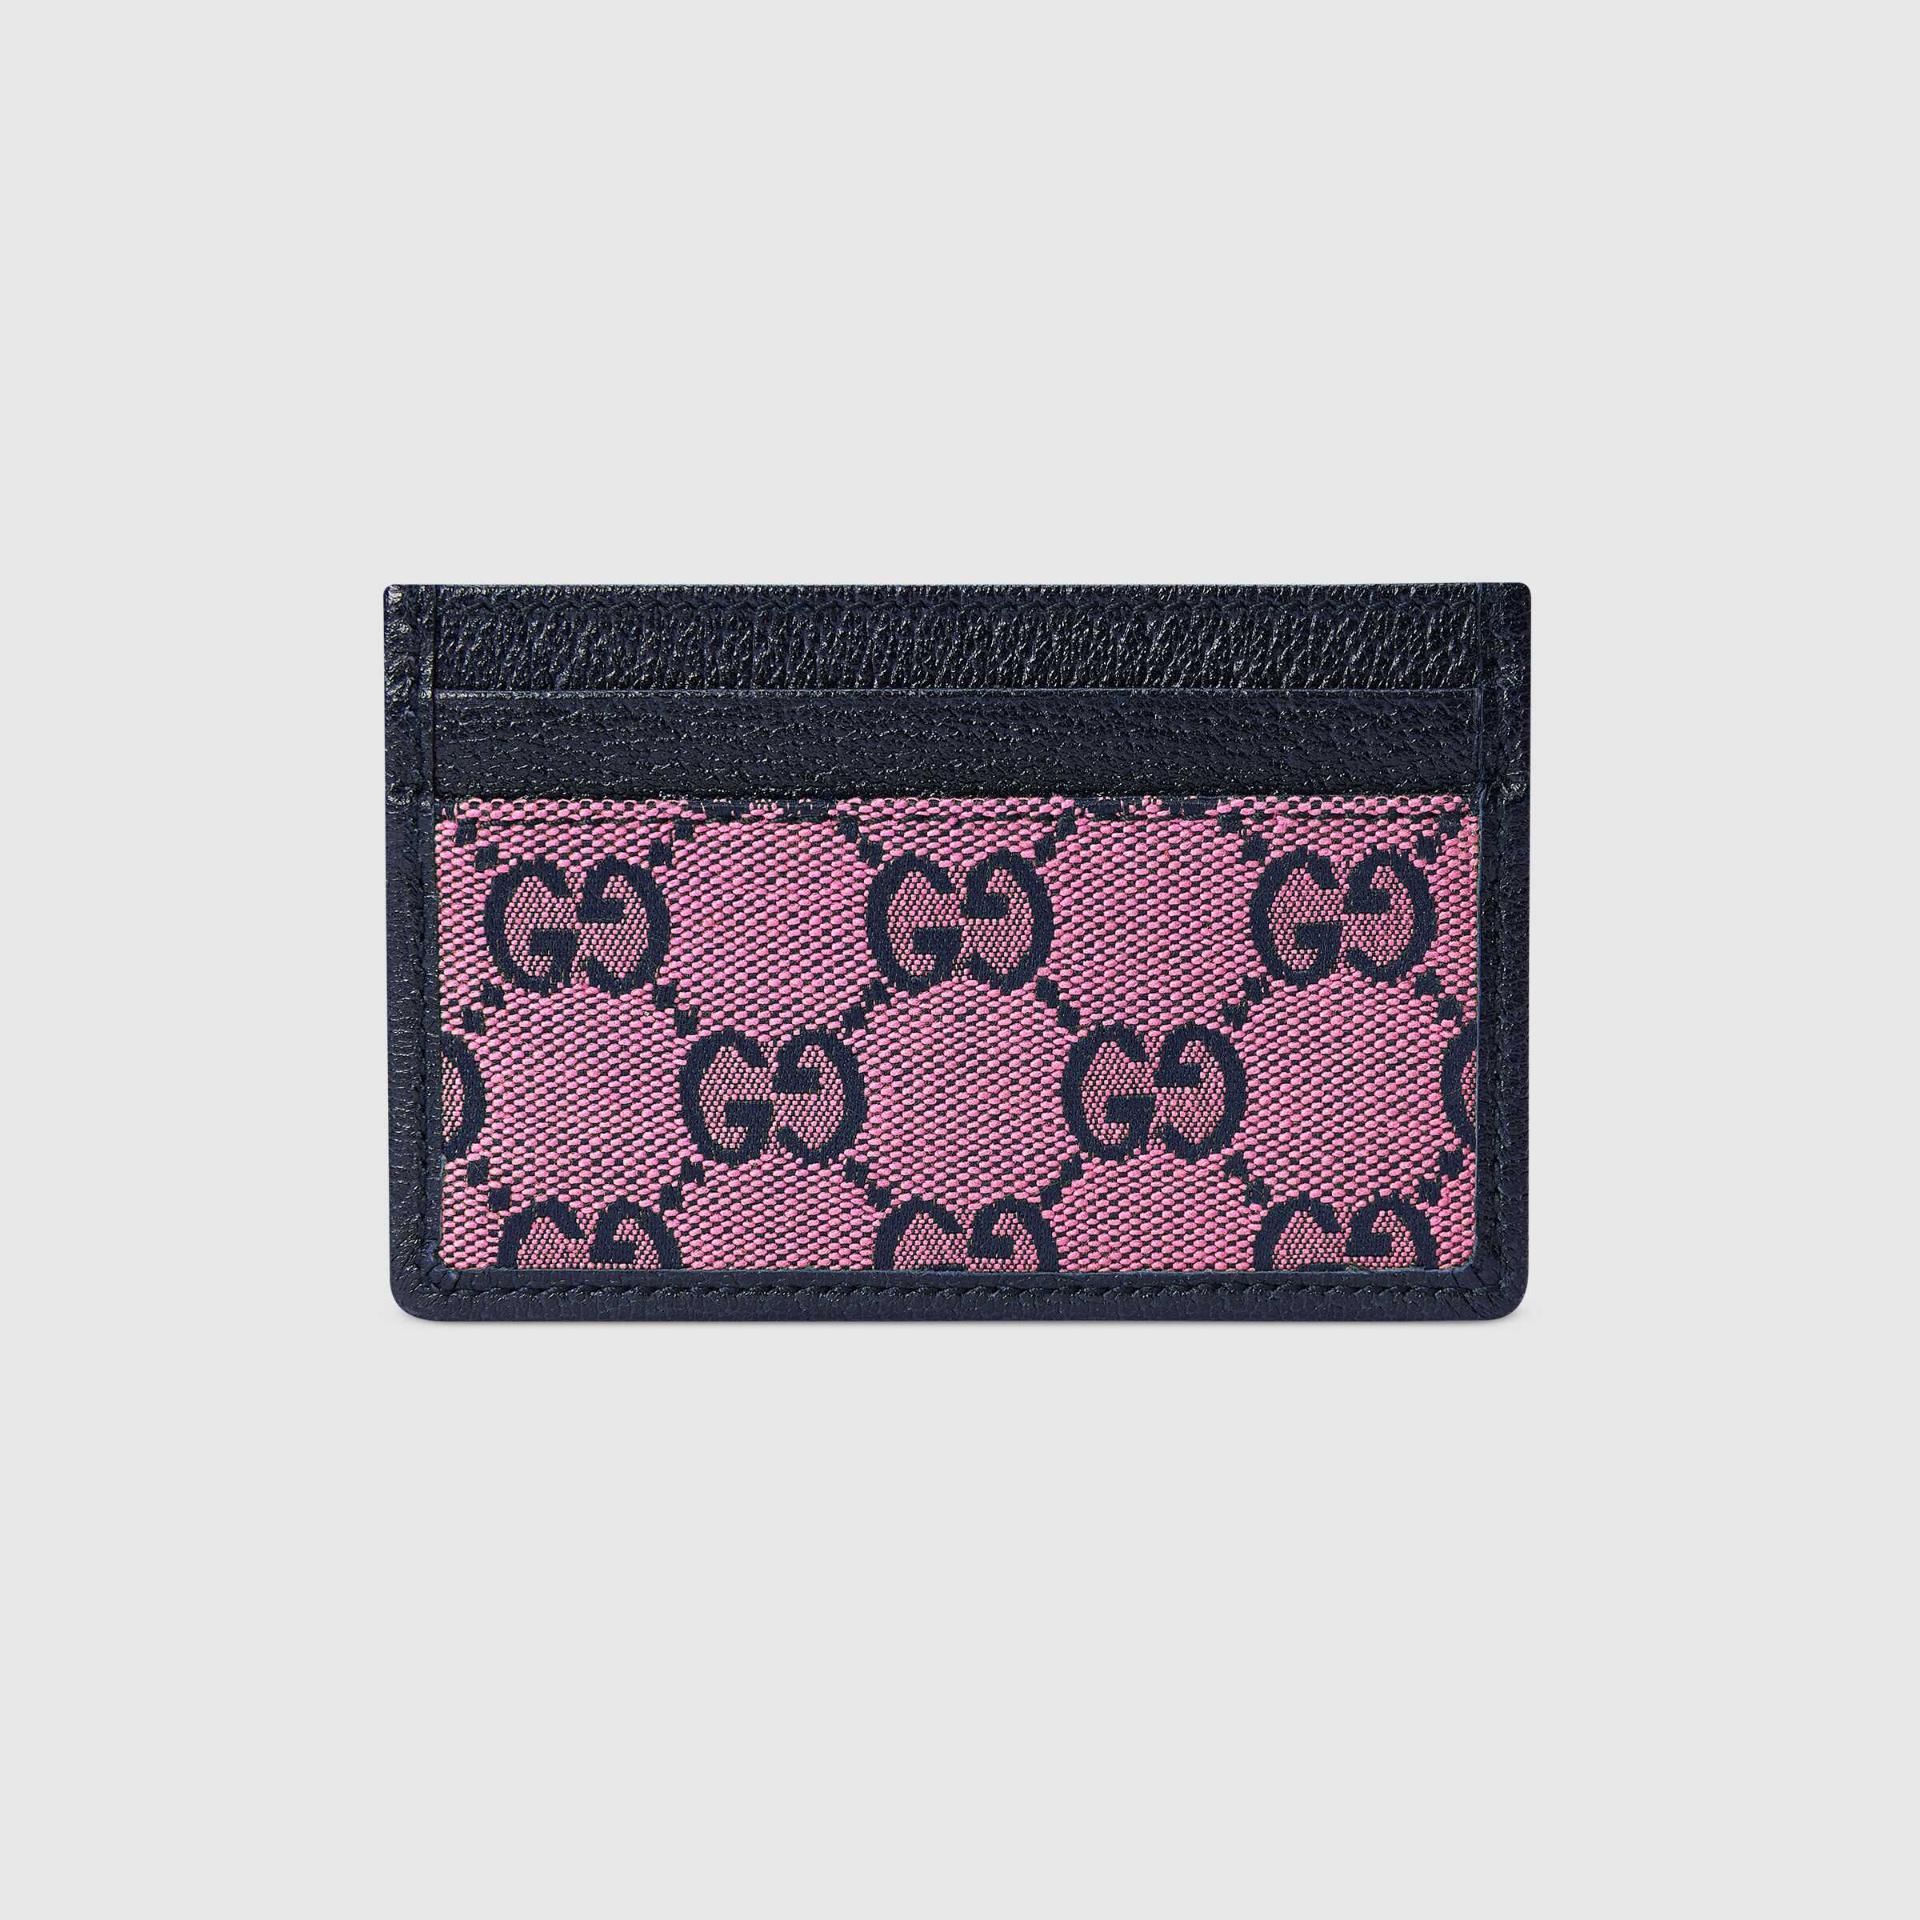 유럽직배송 구찌 GUCCI Gucci GG Multicolour card case wallet 6596012UZAN5279